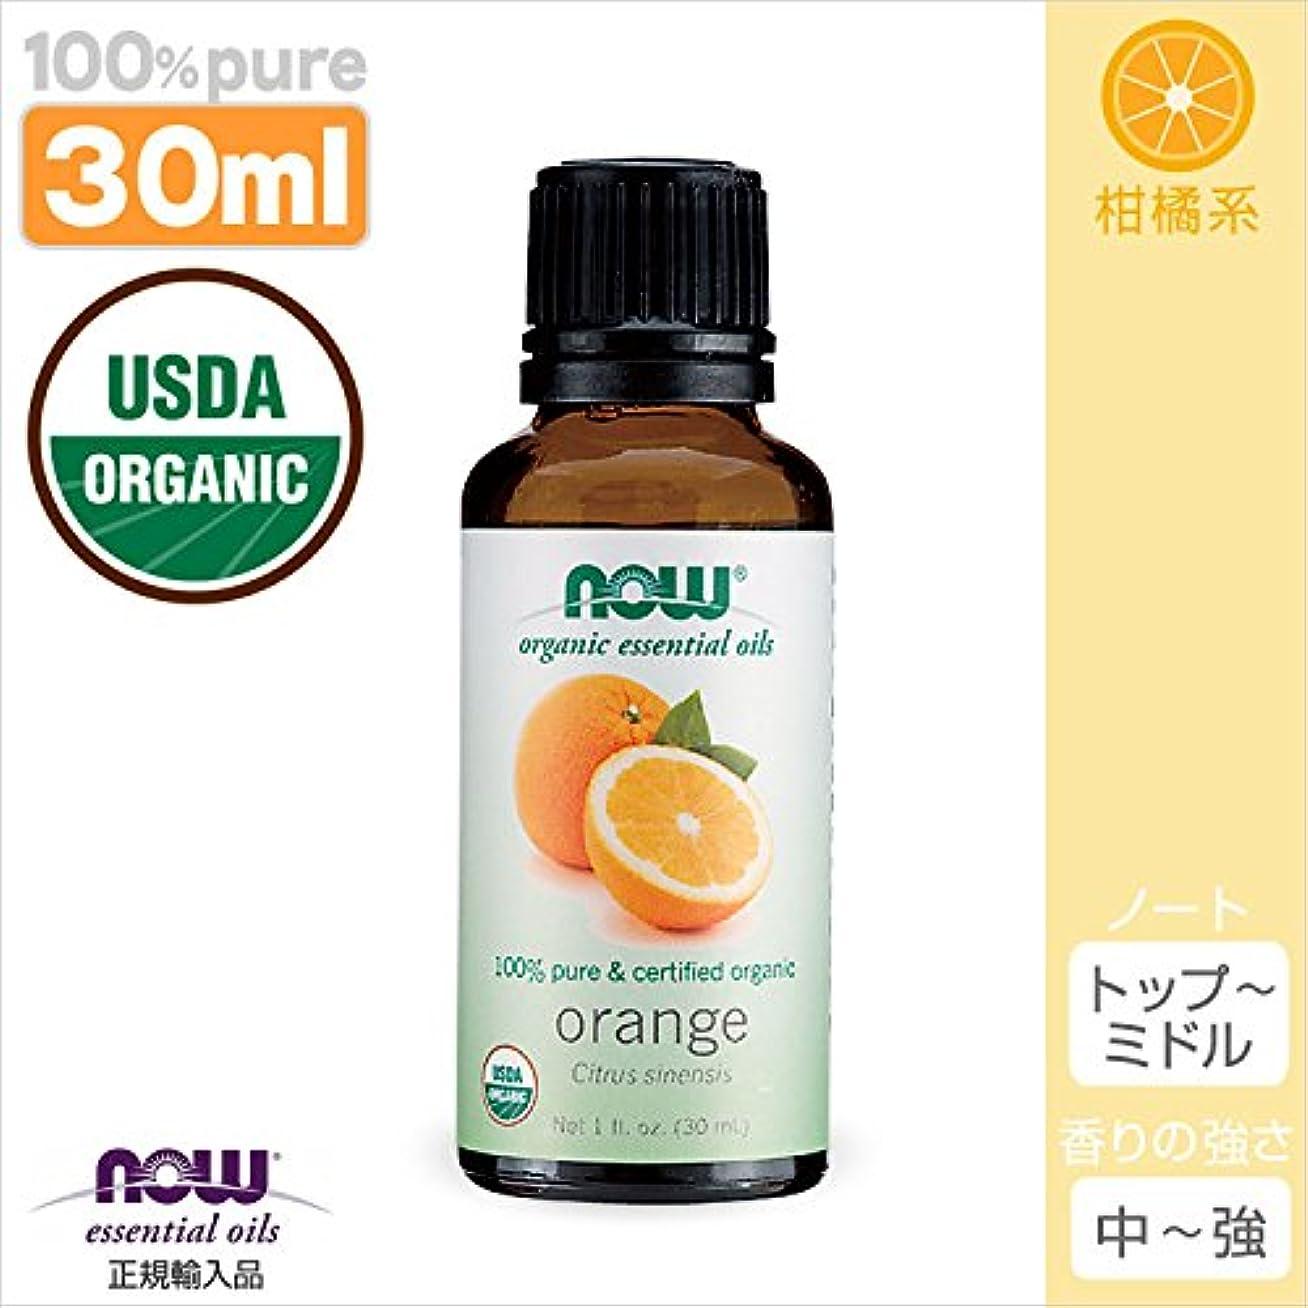 タック島もつれオレンジ精油オーガニック[30ml] 【正規輸入品】 NOWエッセンシャルオイル(アロマオイル)